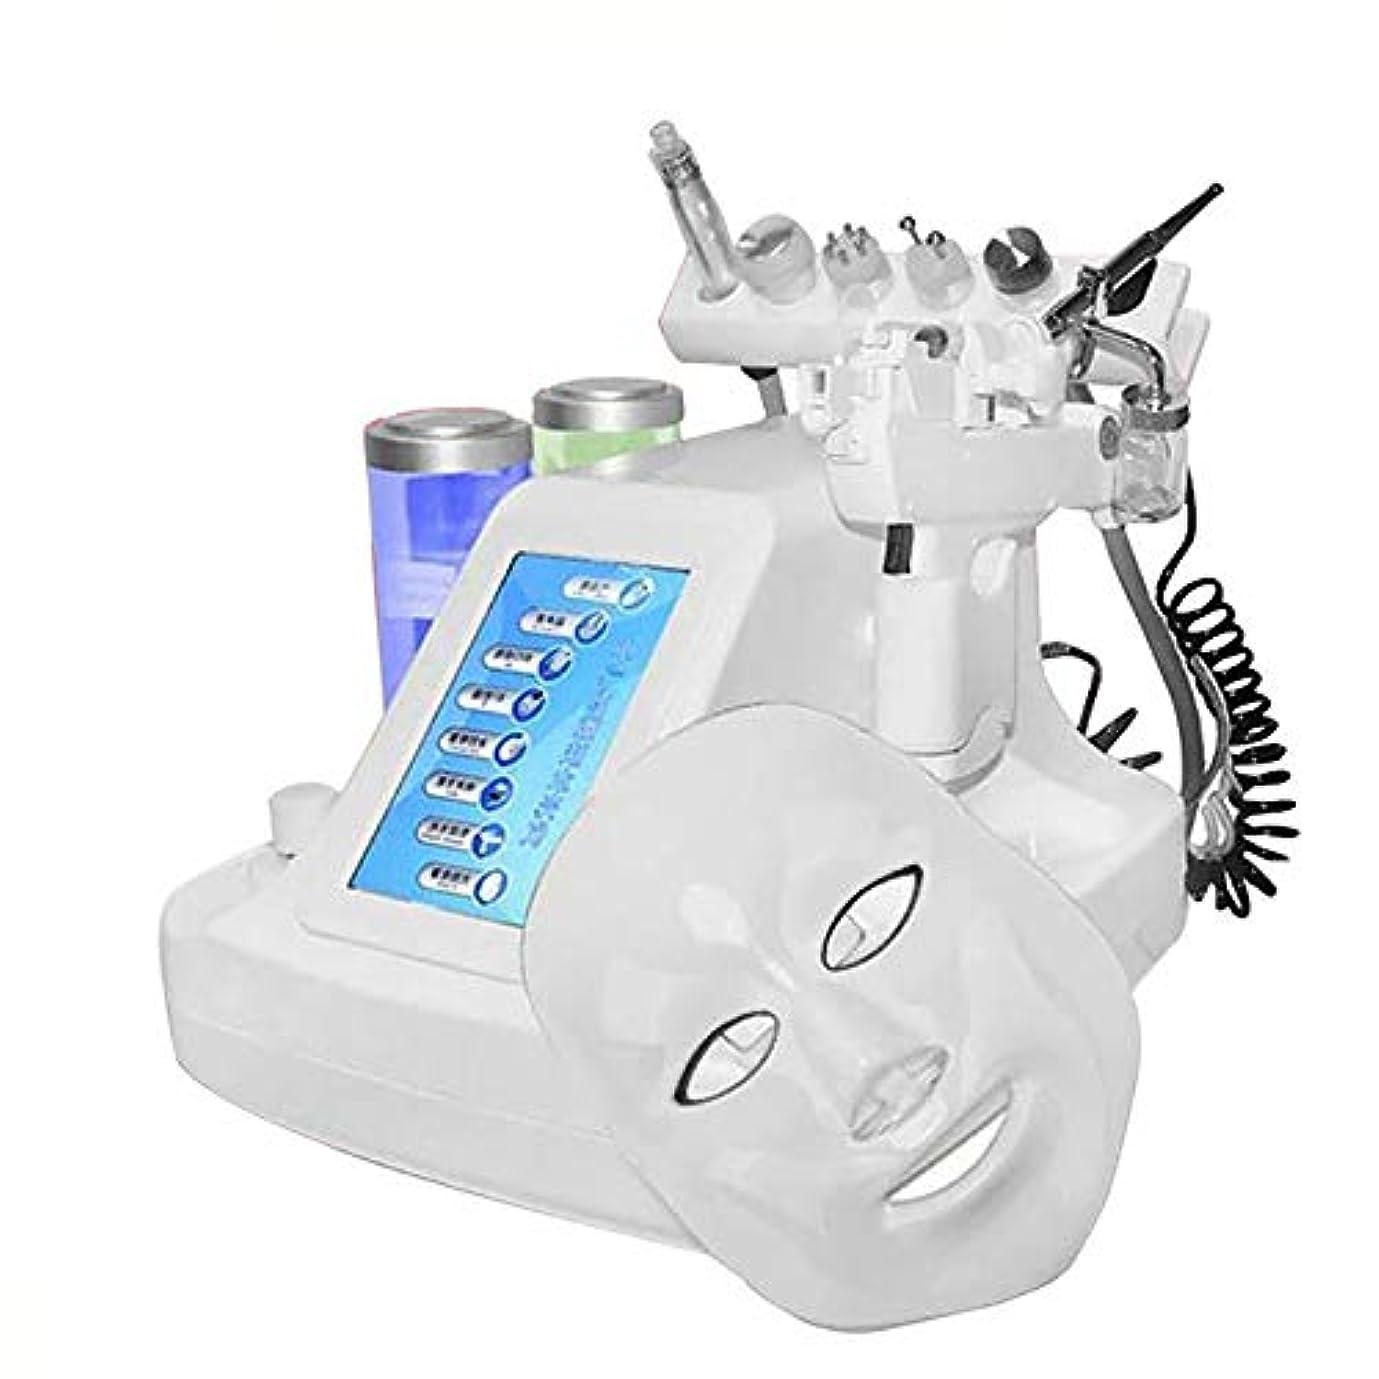 寄り添う超越する歌う1台の水の酸素マシン、水ハイドロ皮膚剥離?フェイシャルスプレー保湿若返りスキン機で8